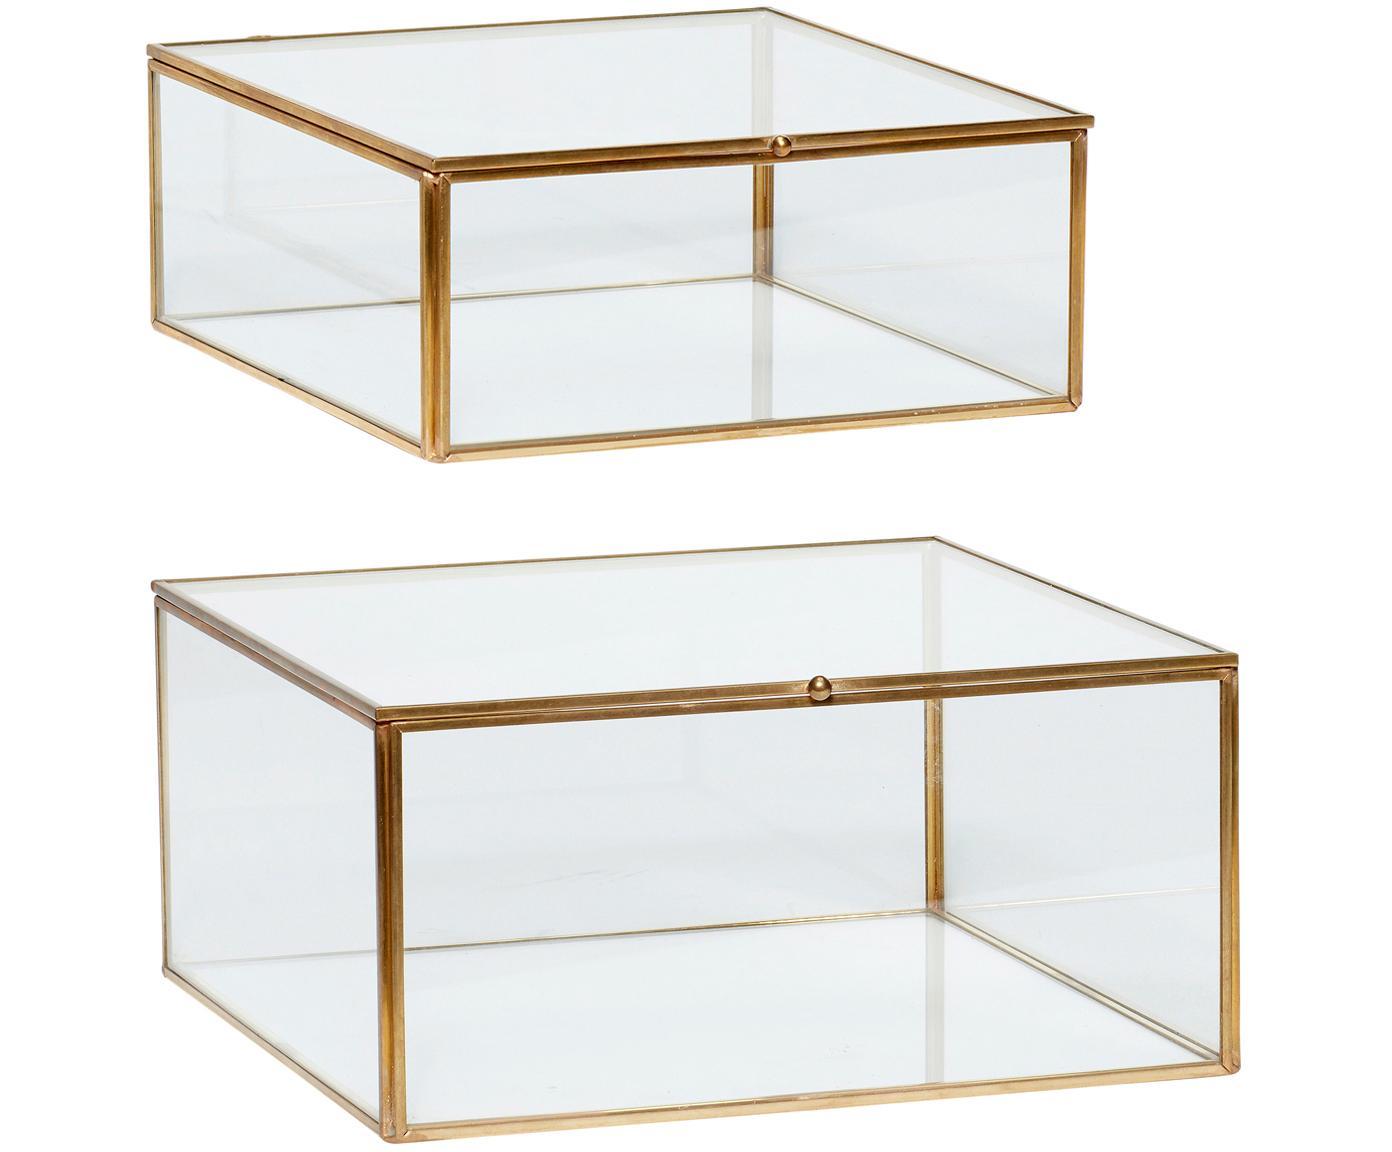 Komplet pudełek do przechowywania Karie, 2 elem., Mosiądz, transparentny, Różne rozmiary